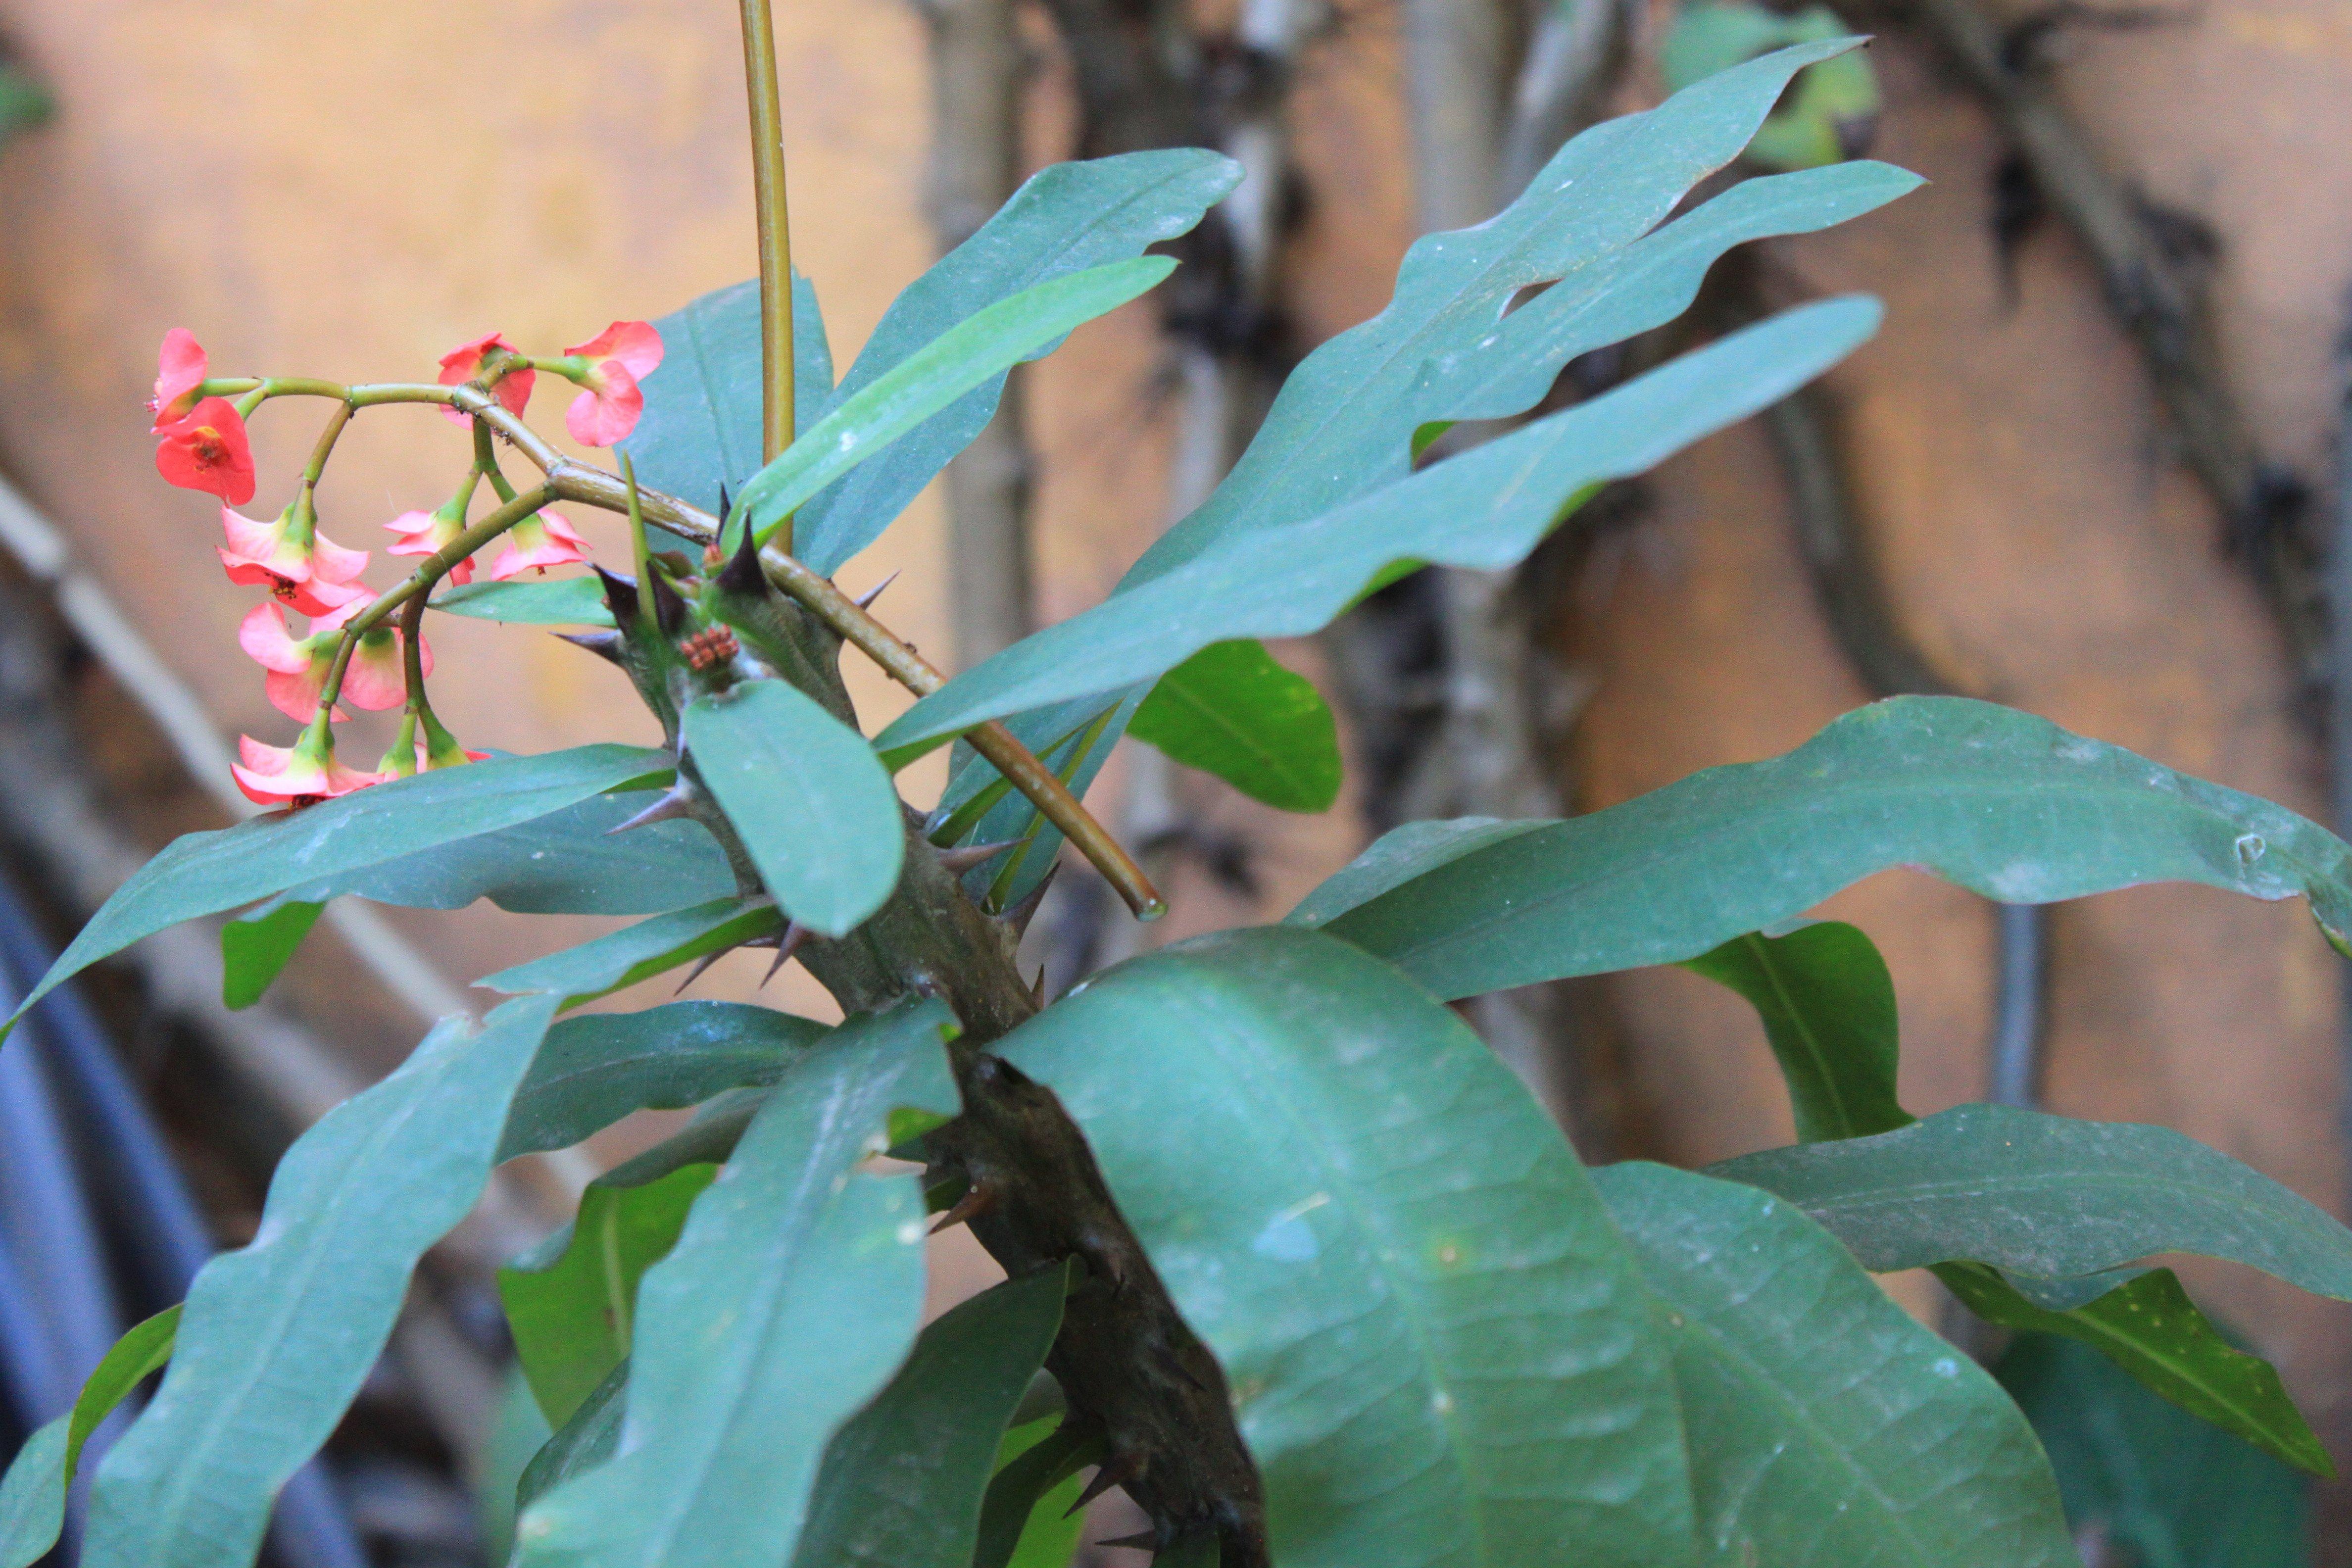 Coroa-de-espinho (Euphorbia milii)